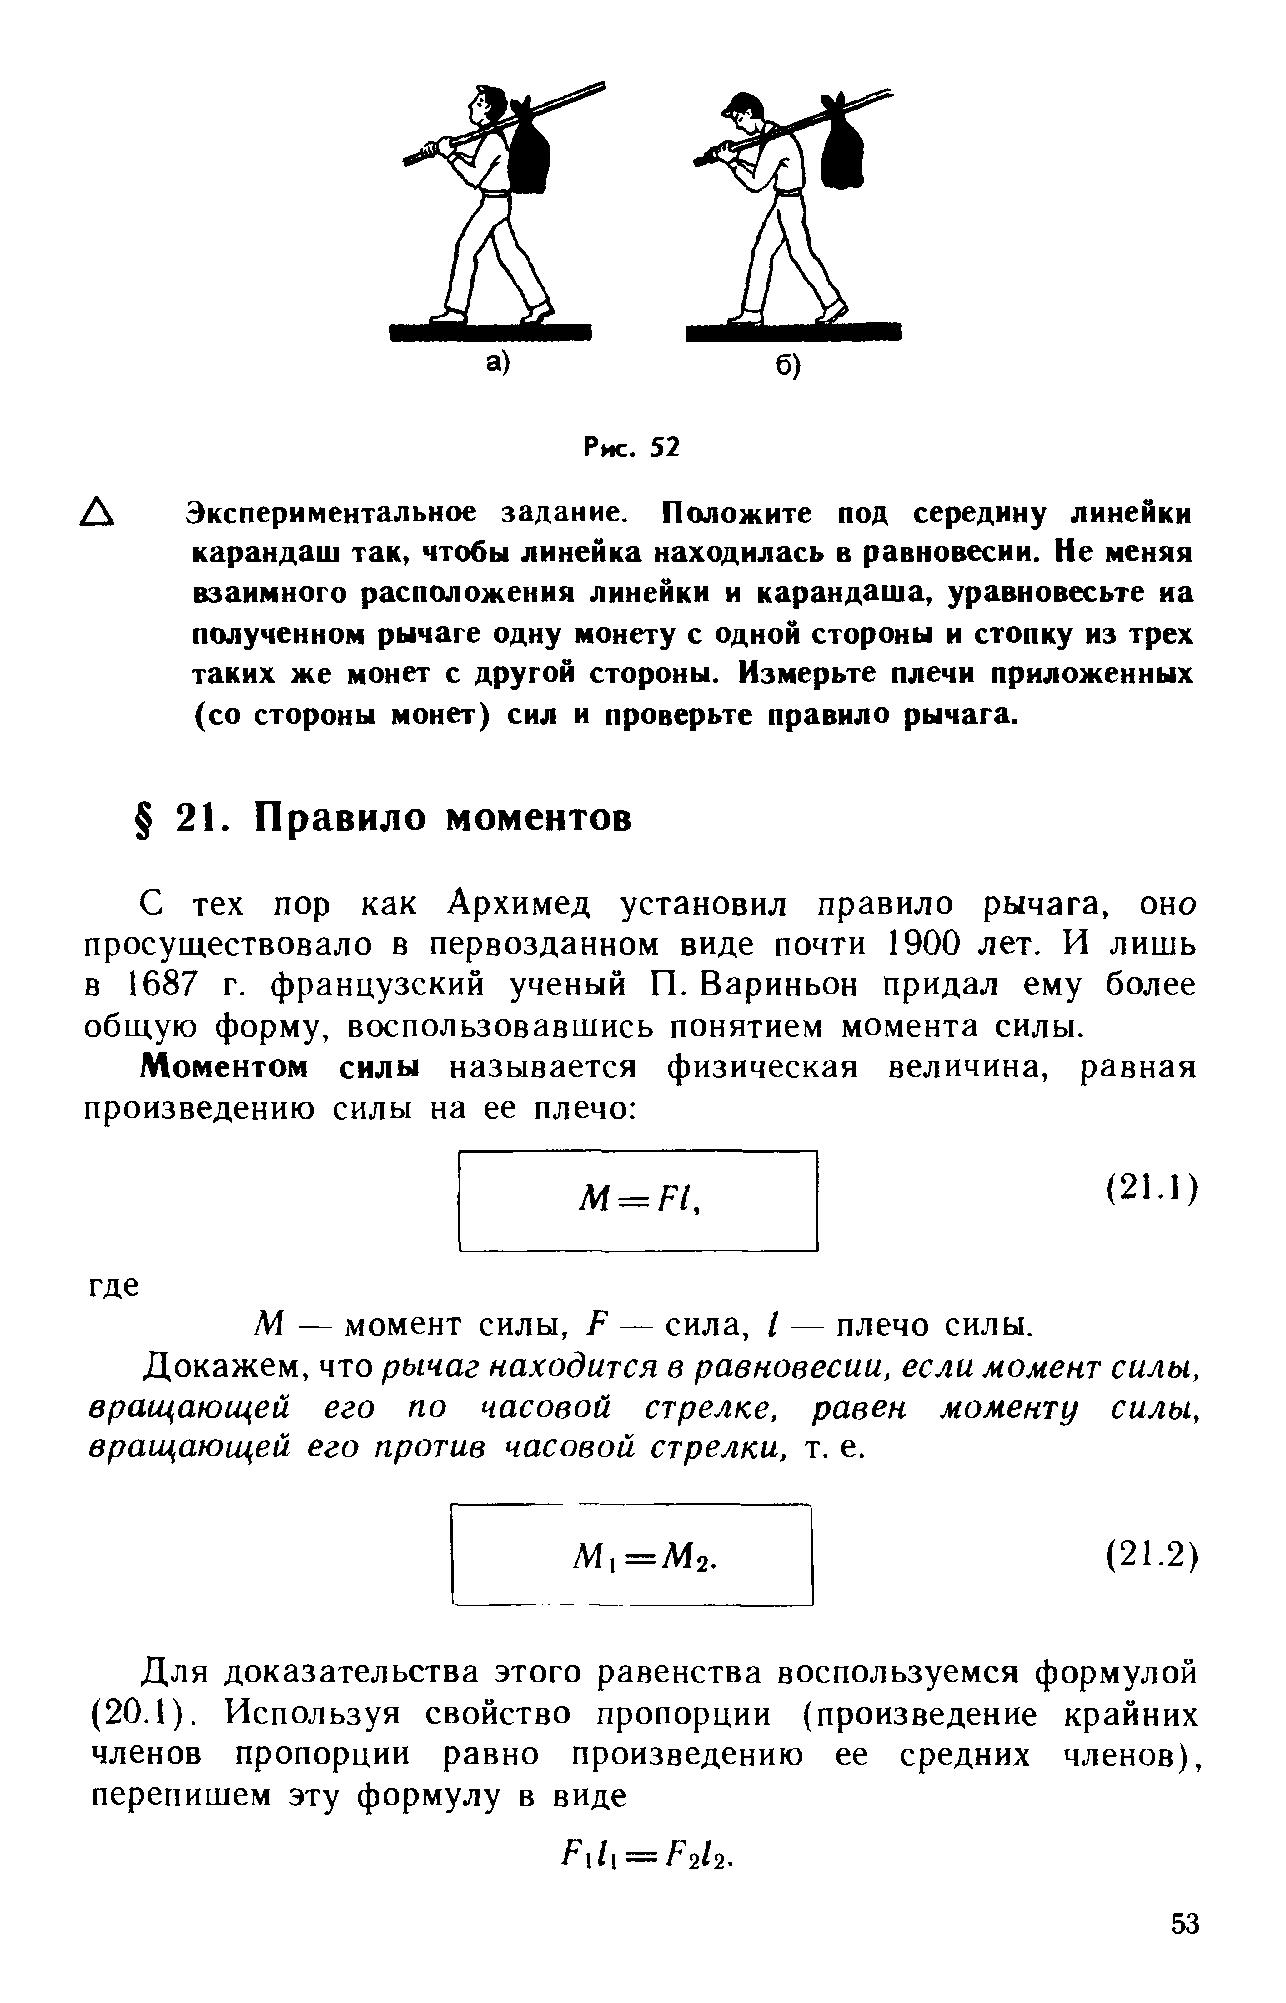 C:\Documents and Settings\Dasha\Мои документы\Мои документы\Инновационные методы в обучении физике\Работа и мощность\p0053.png